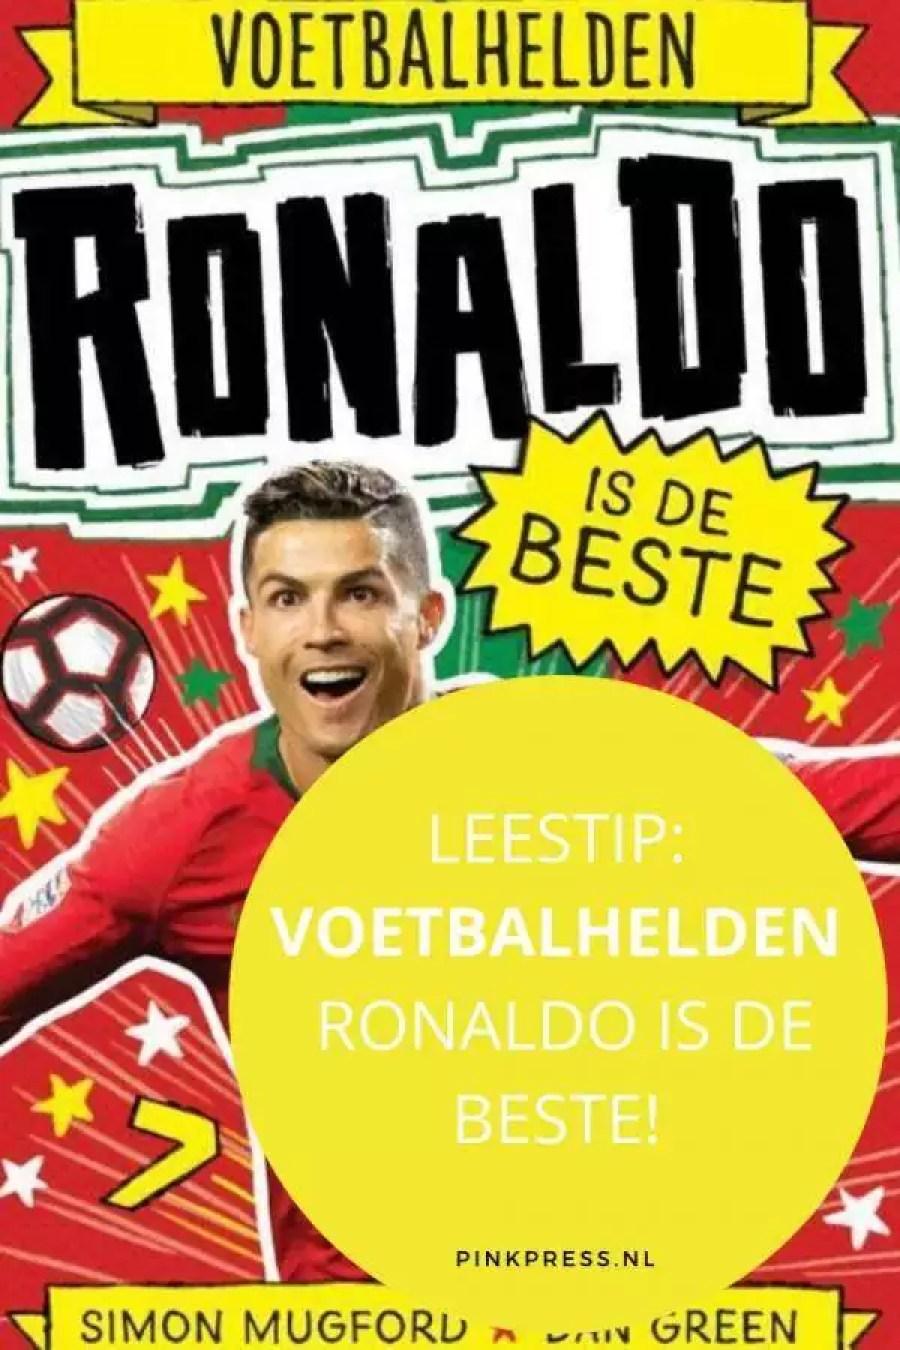 Leestip: VOETBALHELDEN - Ronaldo is de beste!